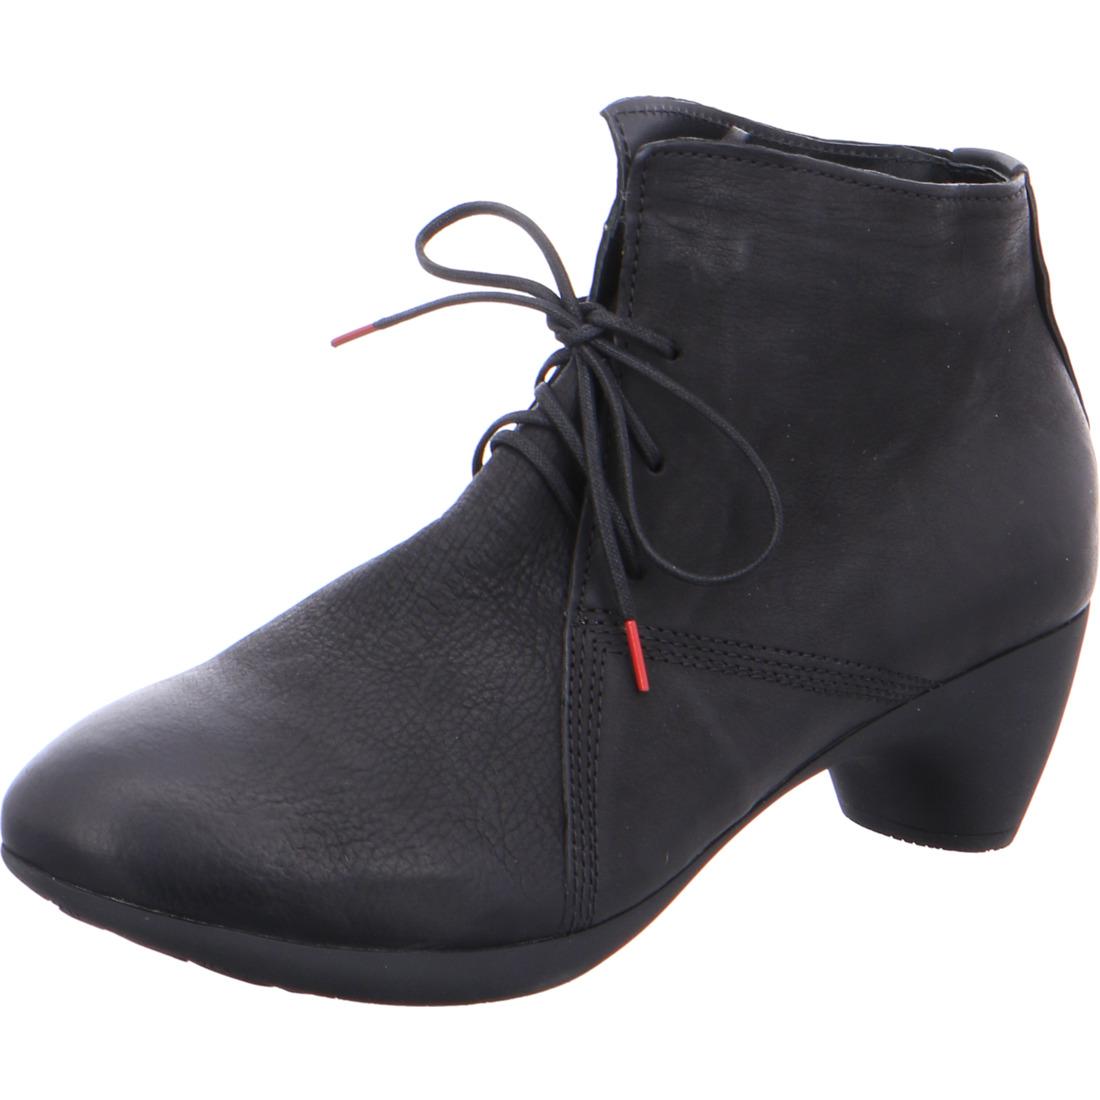 3ac3de1028f Think! Chaussures femme - Livraison gratuite